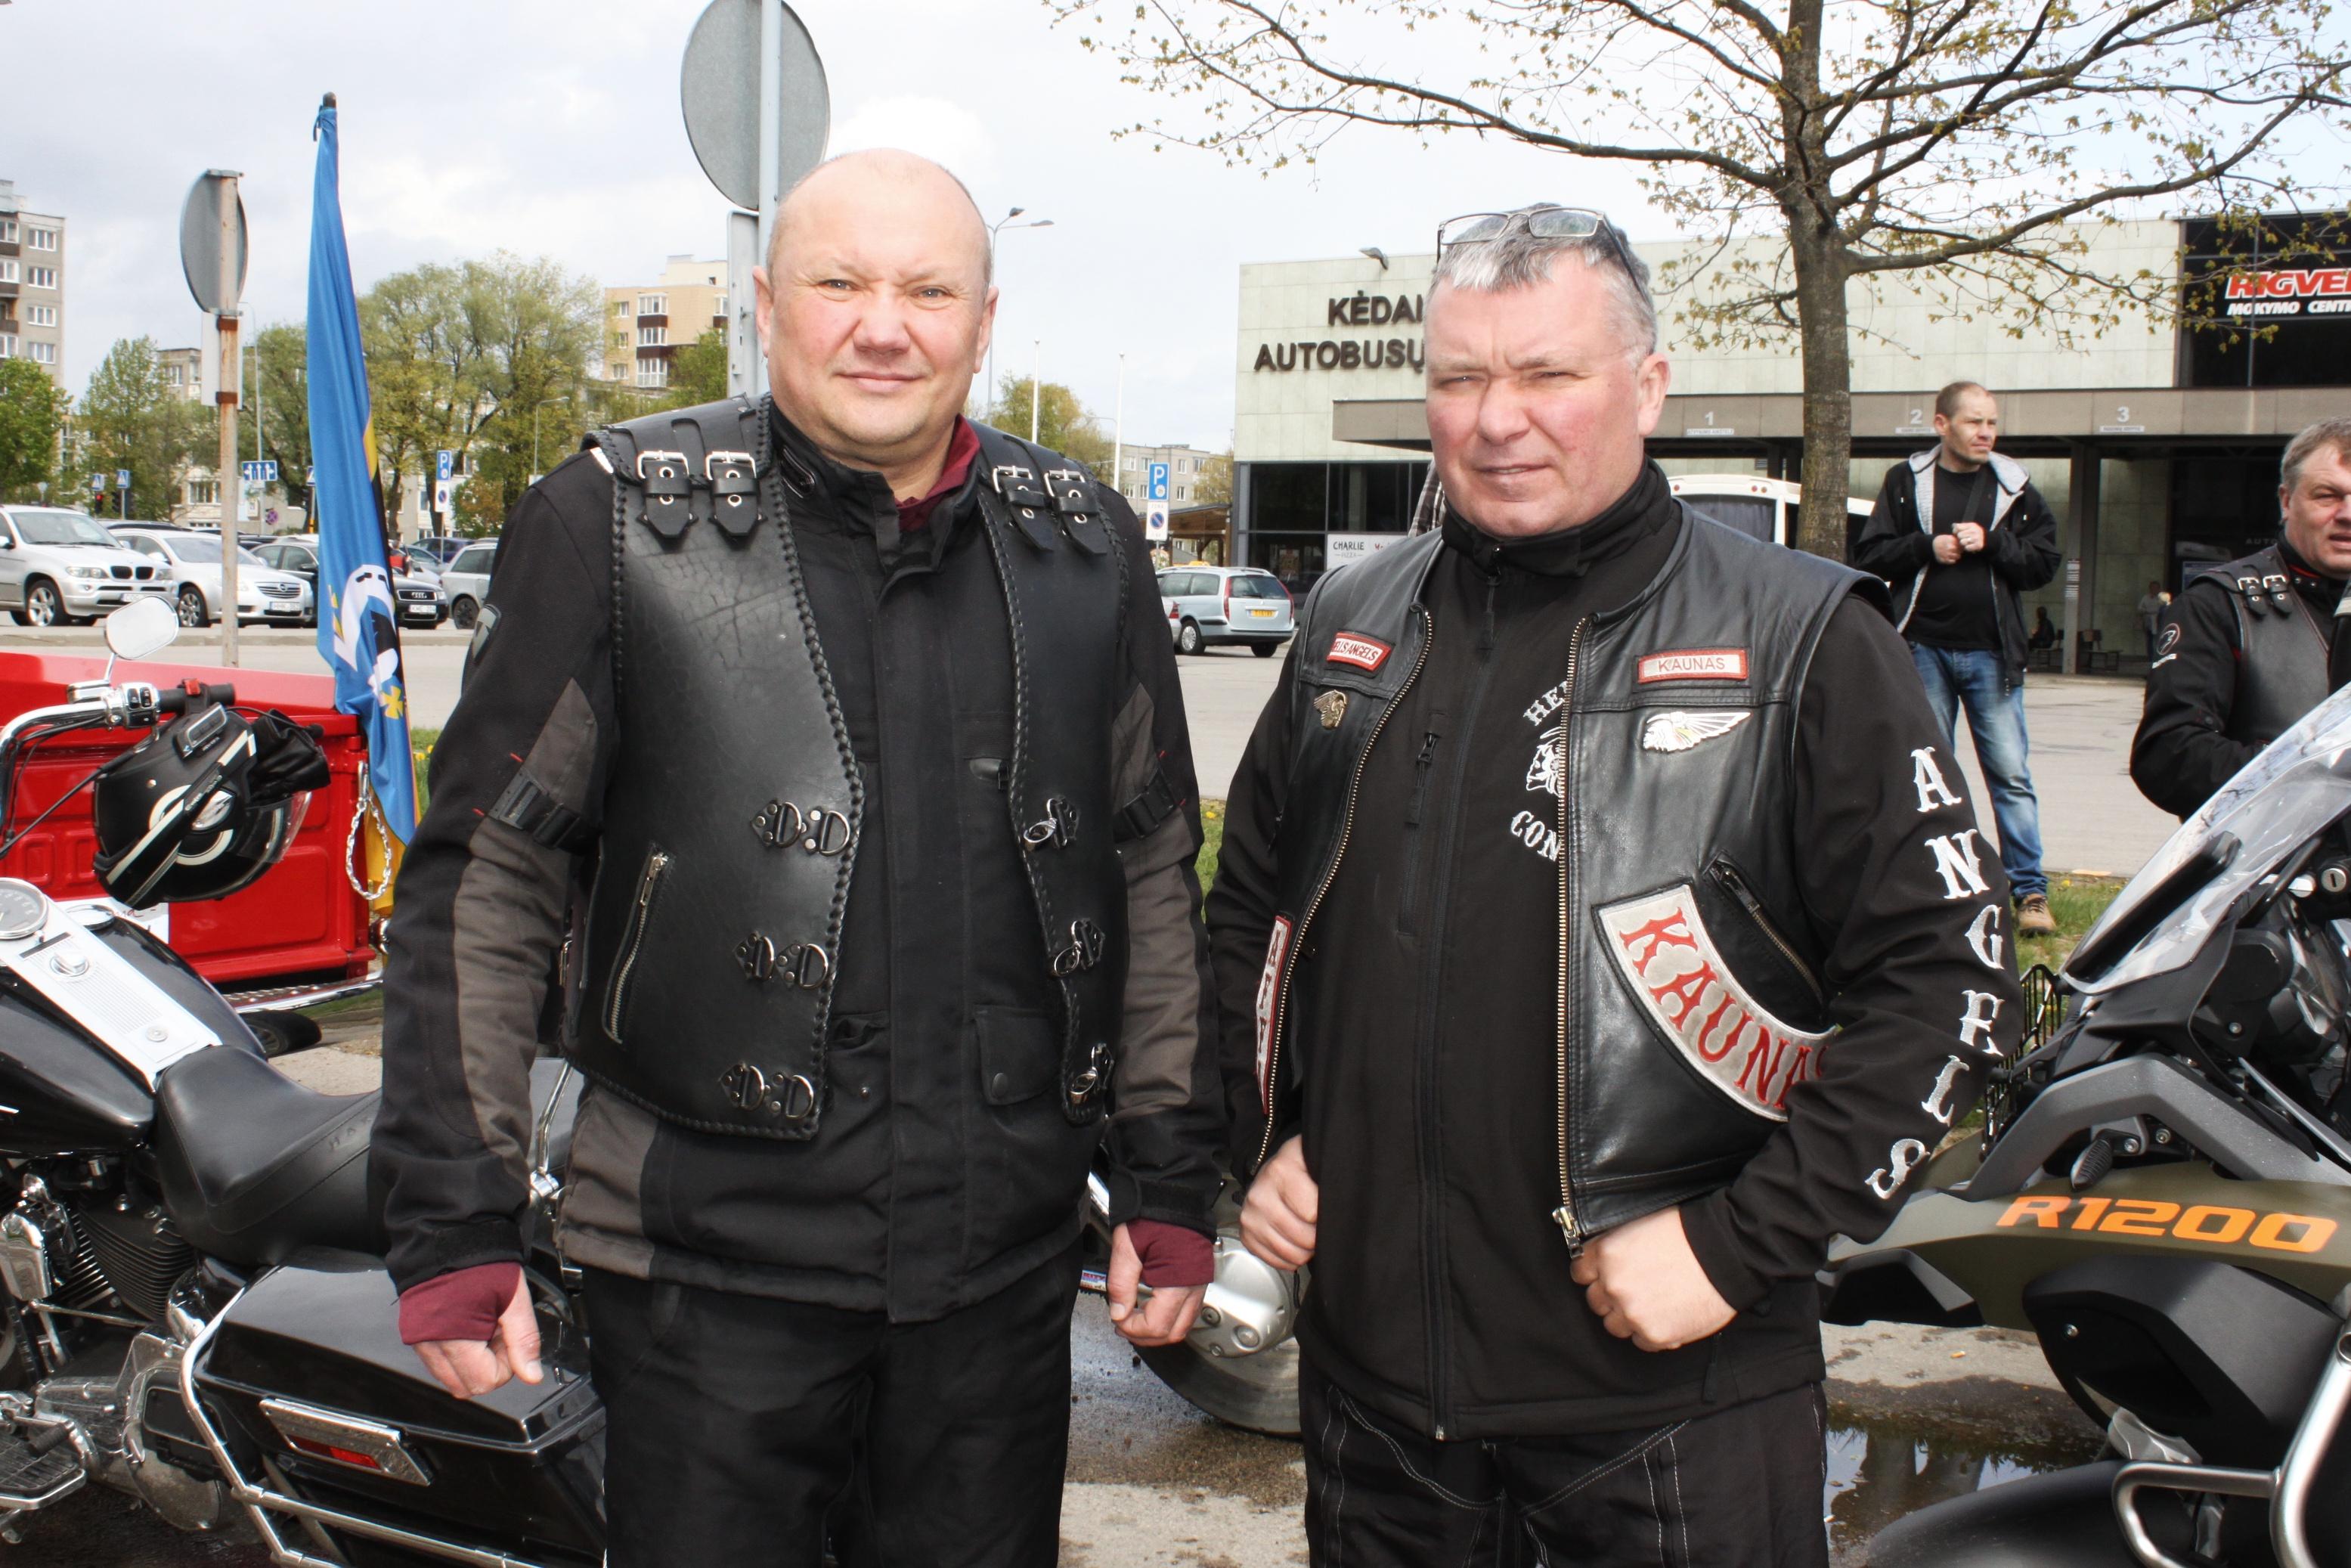 Sezono atidarymo ir uždarymo šventes Kėdainiuose su bendraminčiais rengia motociklininkas Gediminas Kazilionis (kairėje). J. Šveikytės nuotr.